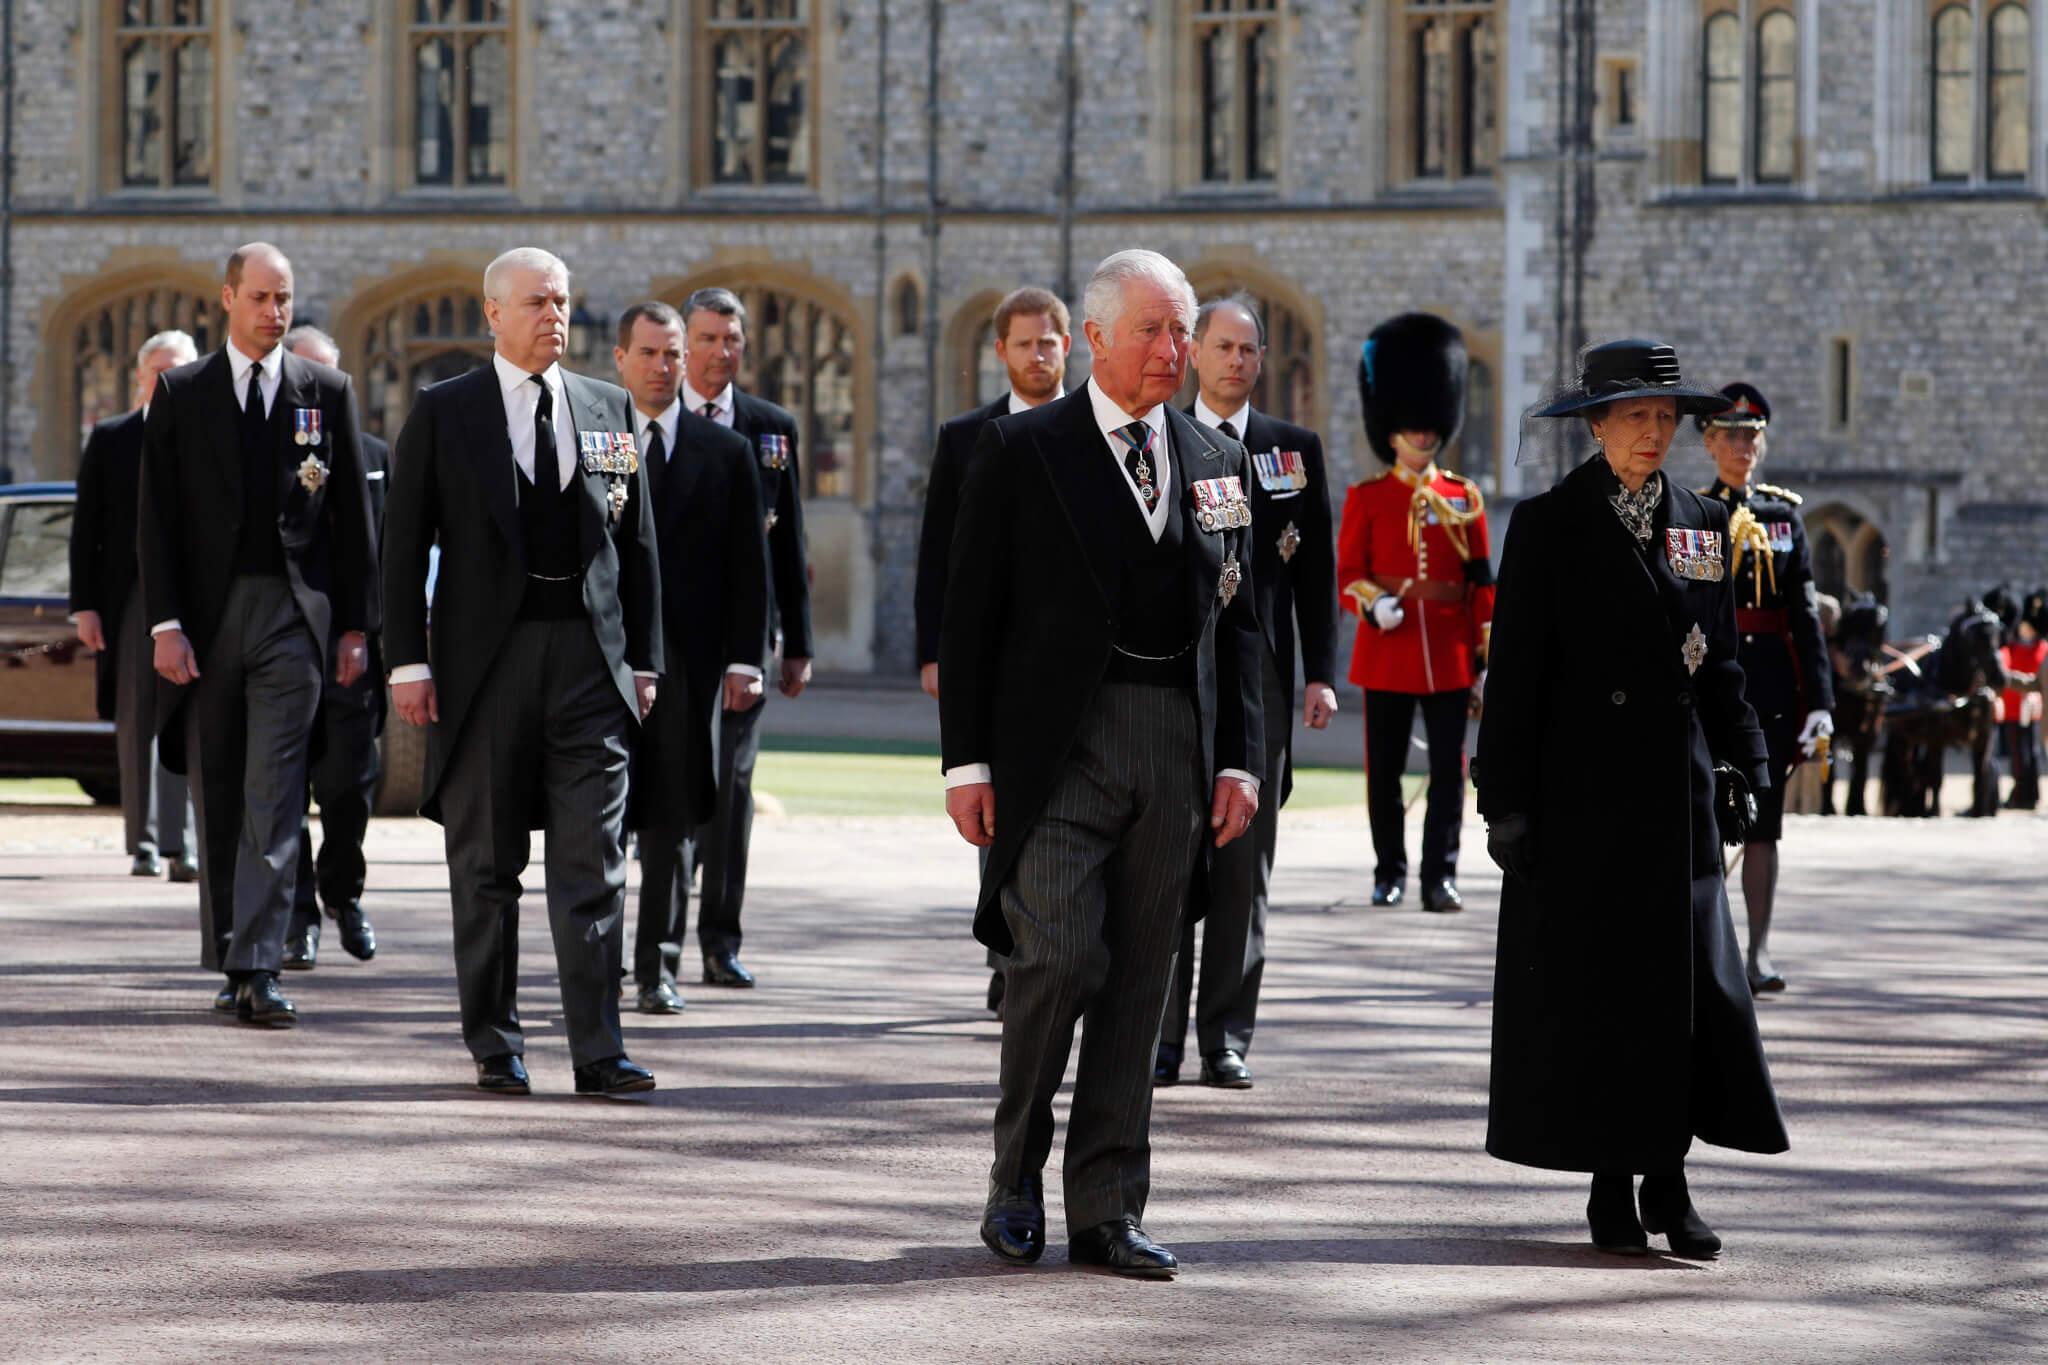 靈柩的人士分別是王儲查理斯、安德魯王子、愛德華王子、安妮公主、威廉王子及哈里王子等